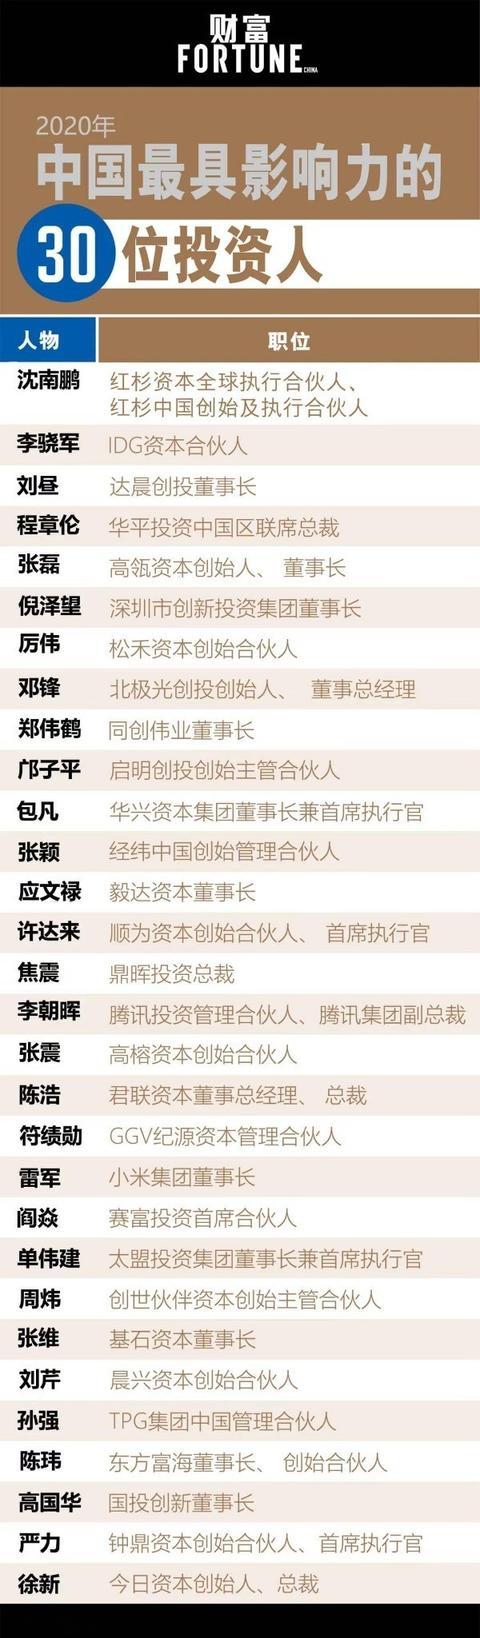 中国最具影响力投资人榜单:雷军上榜 腾讯高管也在